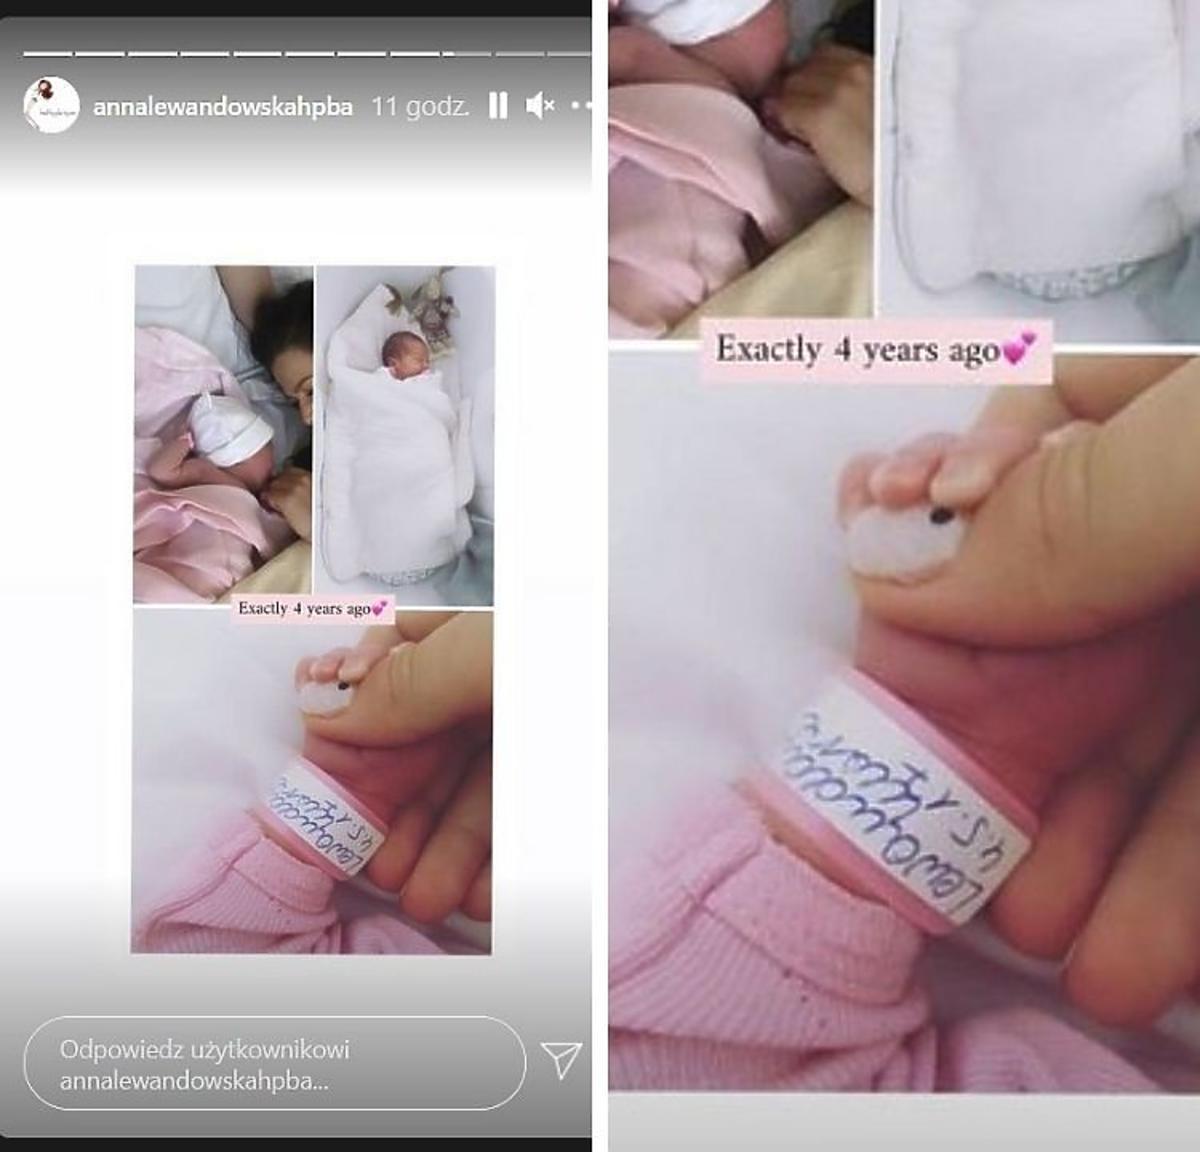 Anna Lewandowska zdjęcia z porodówki i pomalowane paznokcie